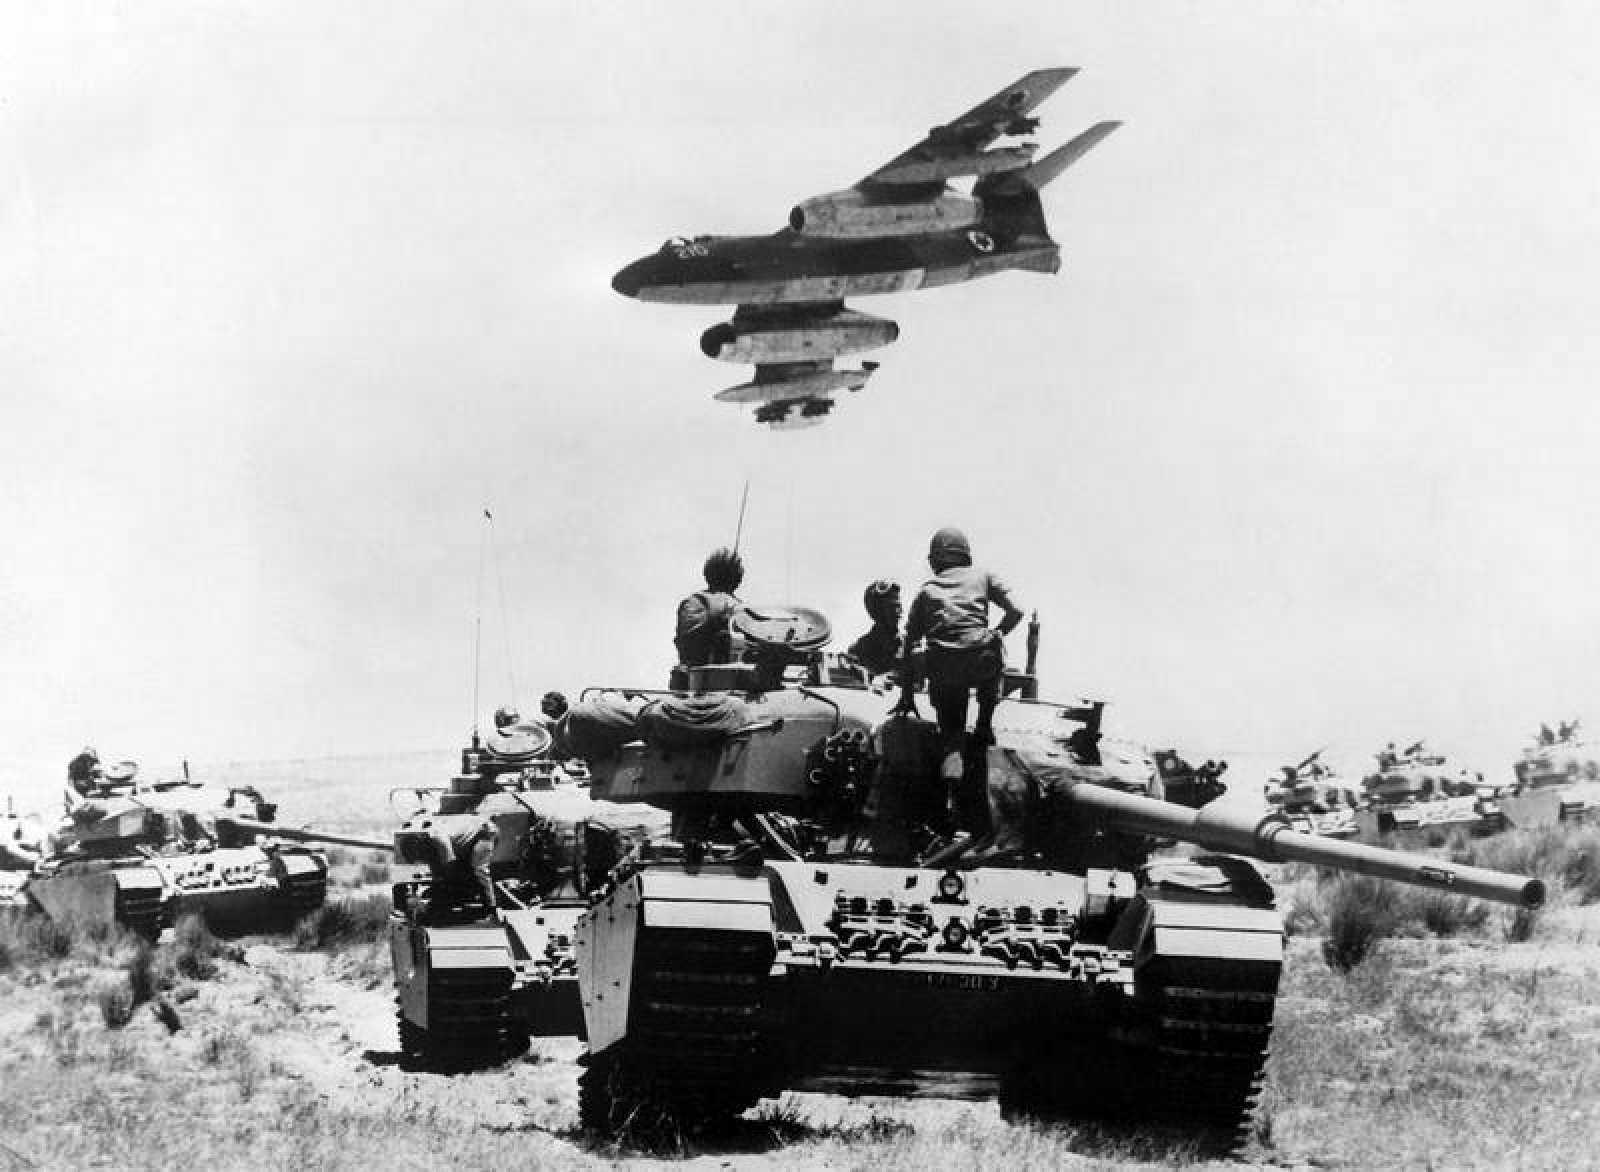 Un avión de guerra sobrevuela las tropas israelíes que avanzan en tanques por la península del Sinaí en la frontera entre Israel y Egipto, el 25 de mayo de 1967.